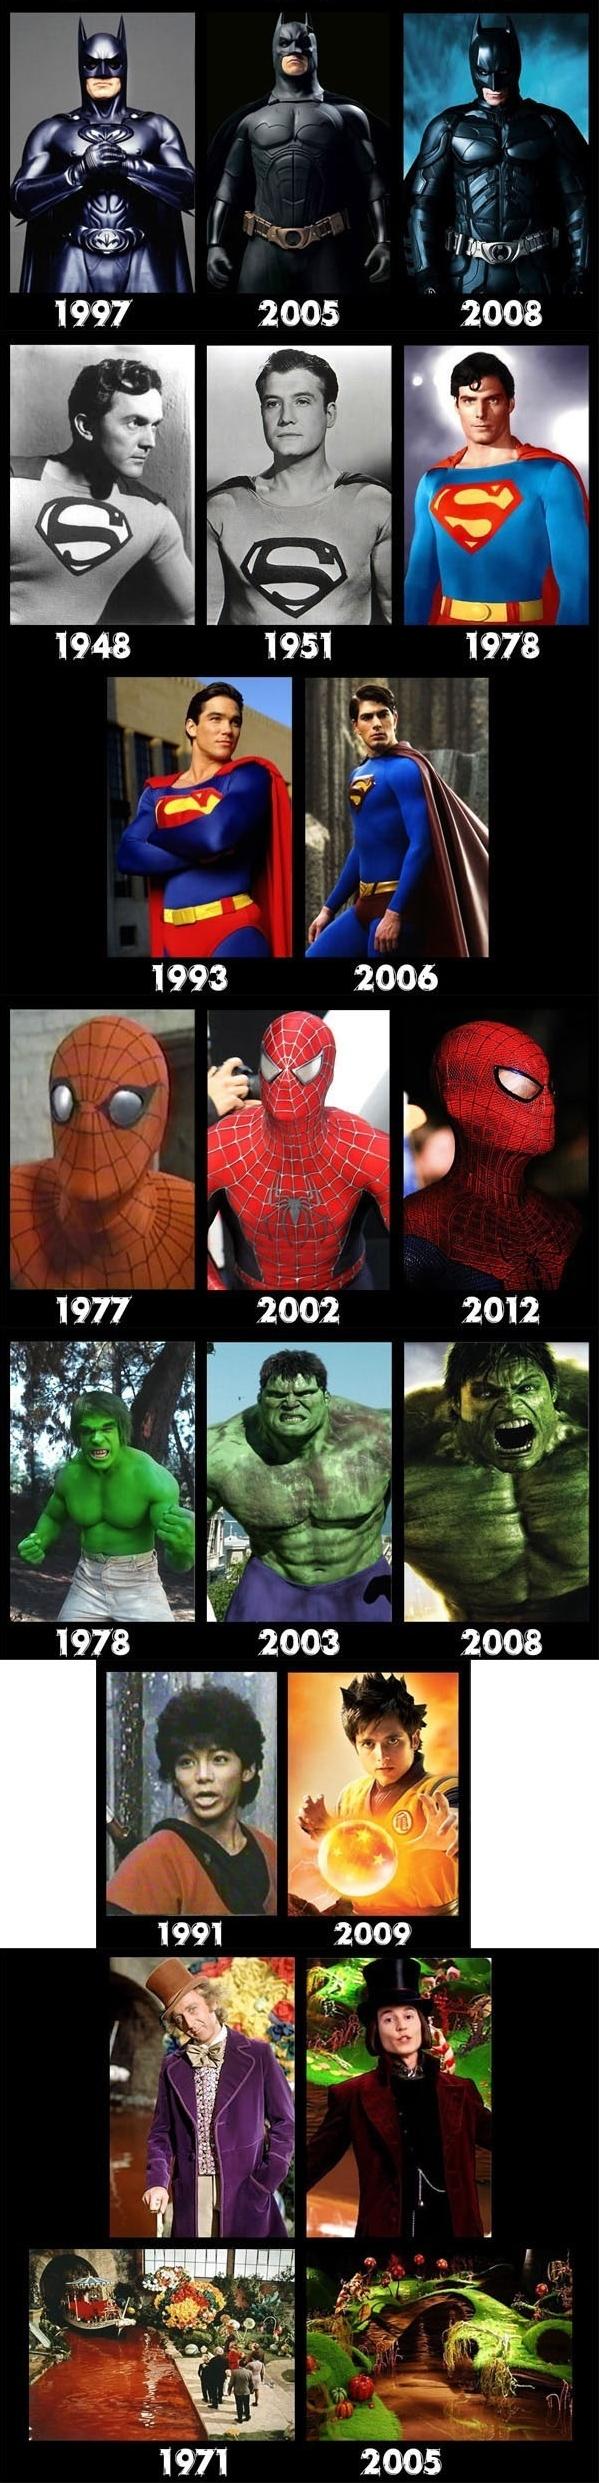 Как менялись образы супергероев